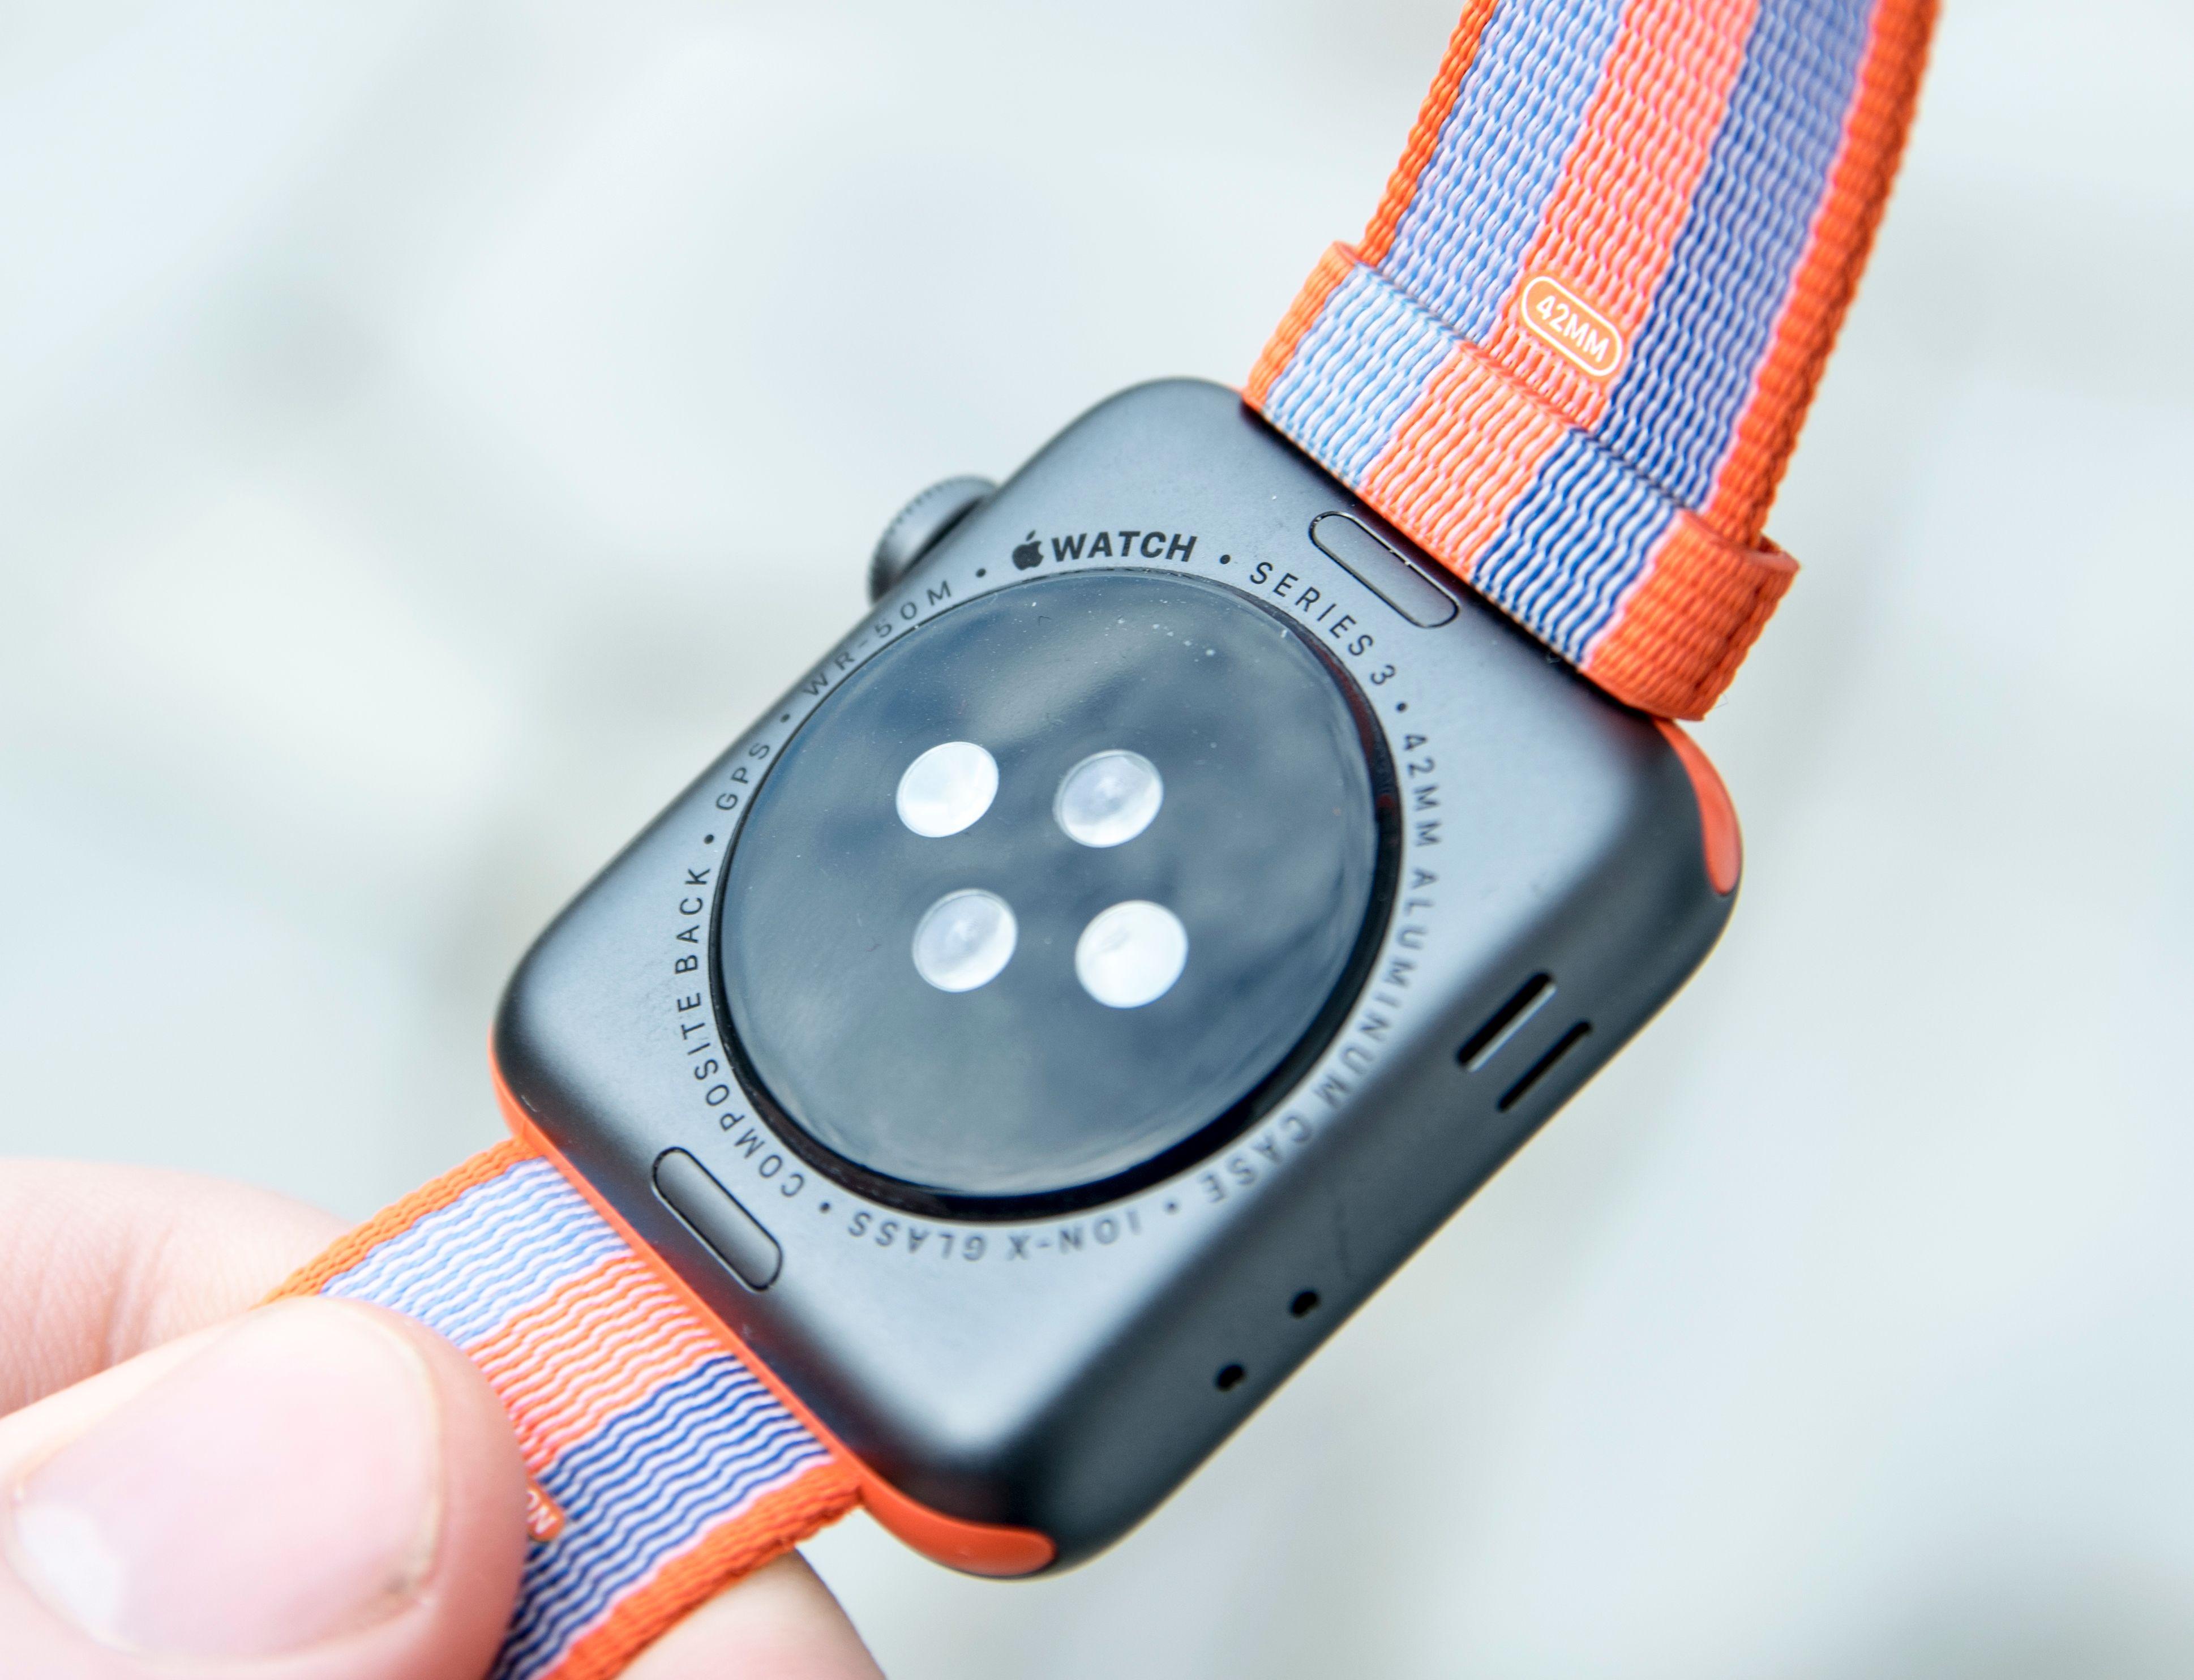 Det er knapt forskjell på de ulike generasjonene Apple Watch. Men påskriften under urkassen viser at dette er siste generasjon, som har fått kjappere prosessor og leveres med siste utgave av WatchOS. De virkelige forskjellene på denne og forrige generasjon handler om hastighet og batteritid. Og om barometeret, da - som kan anslå hvor mange høydemeter og trappetrinn du beveger deg.